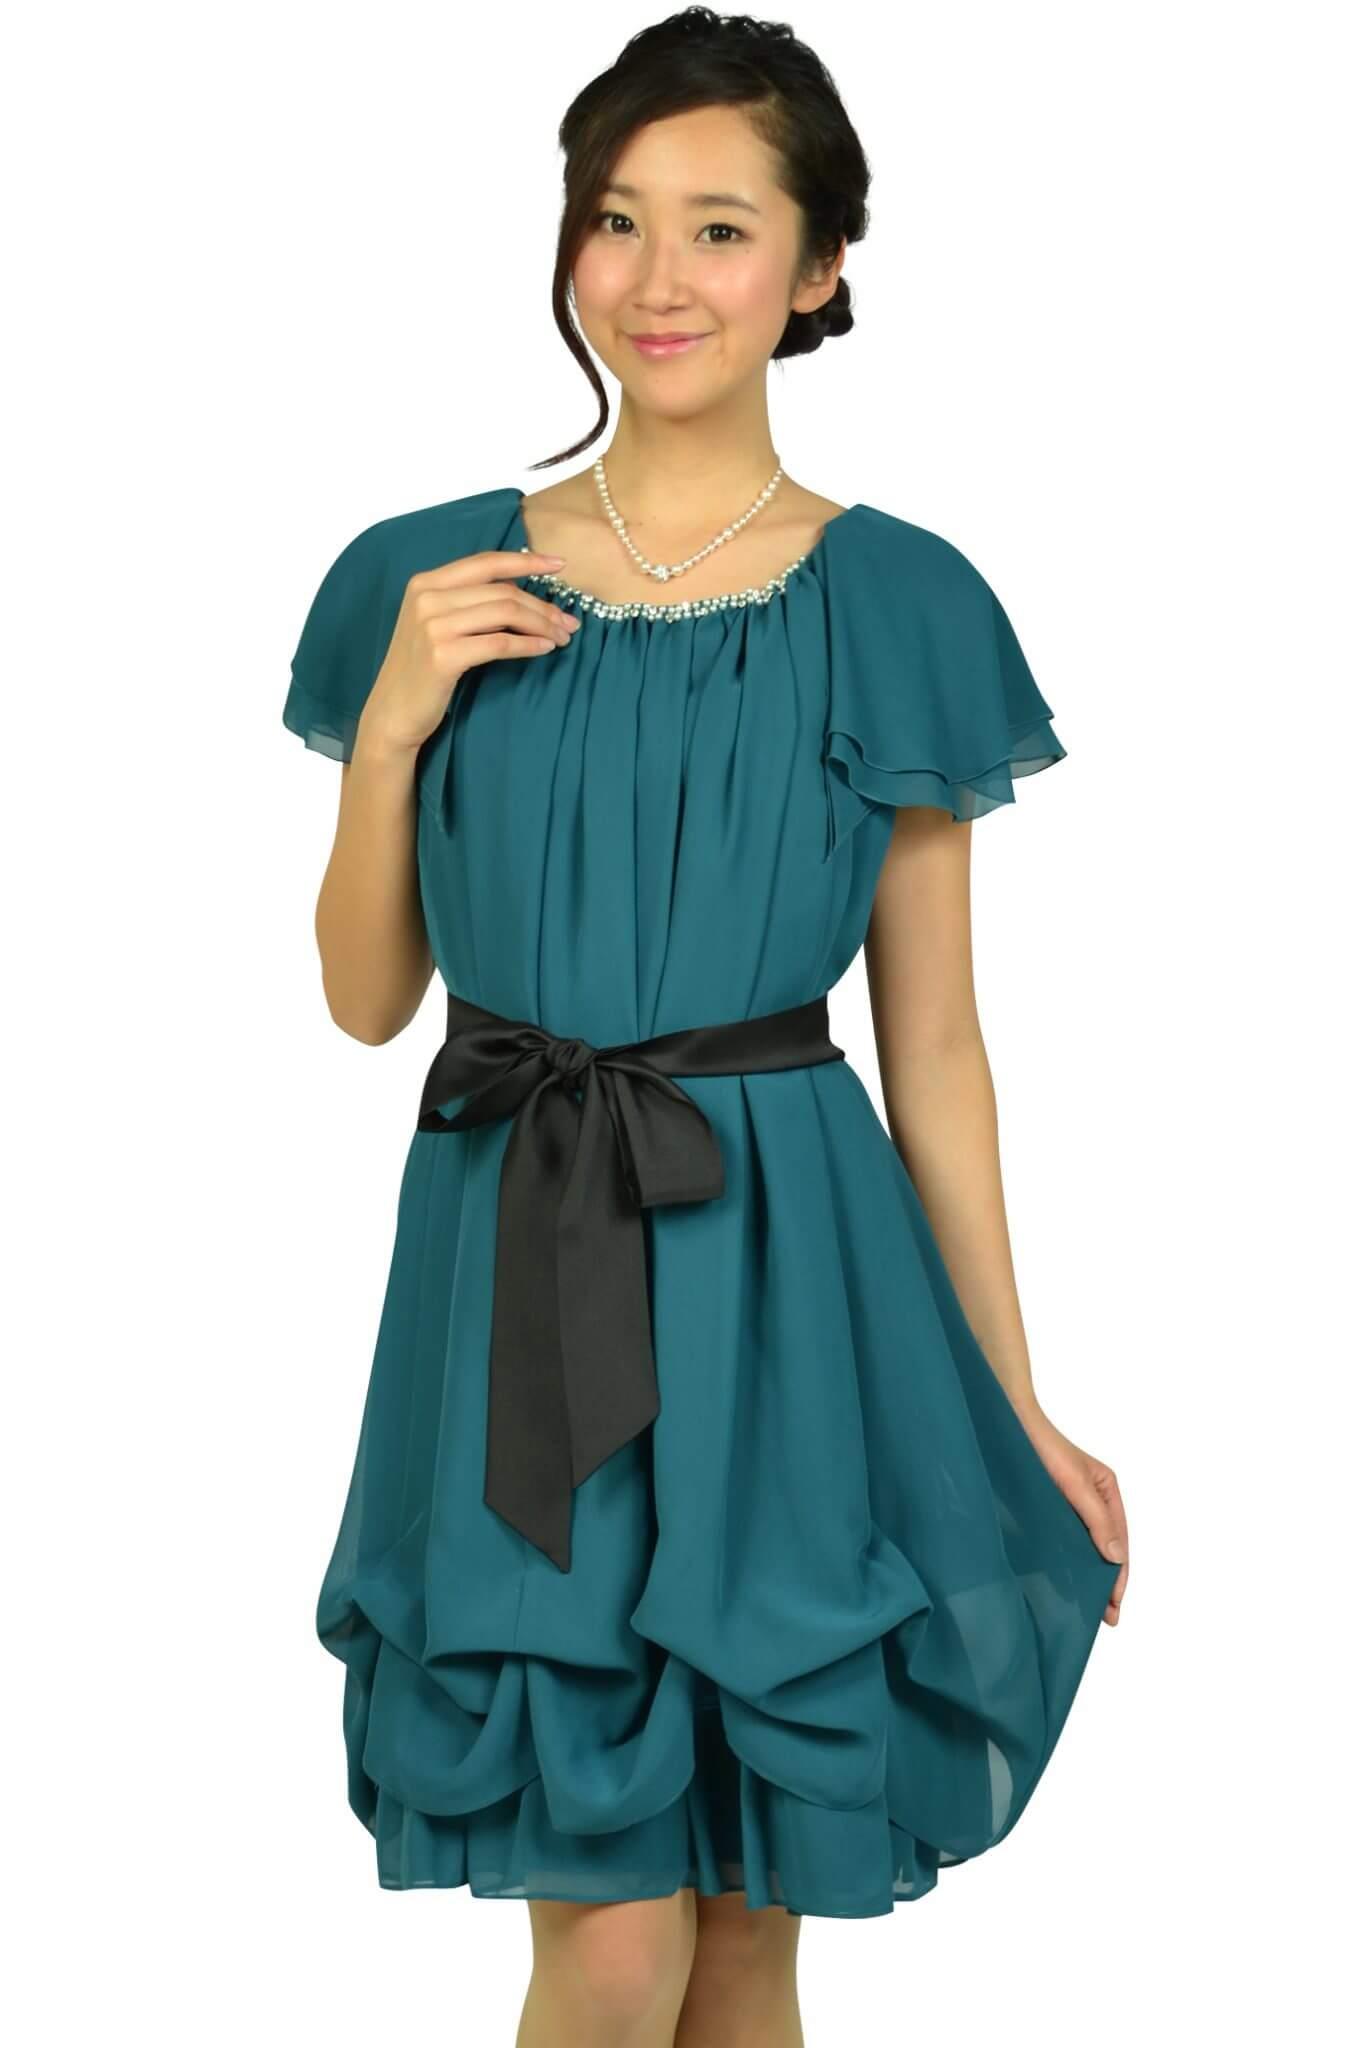 デリセノアール (DELLISE NOIR)ゆったりAラインブルーグリーンドレス